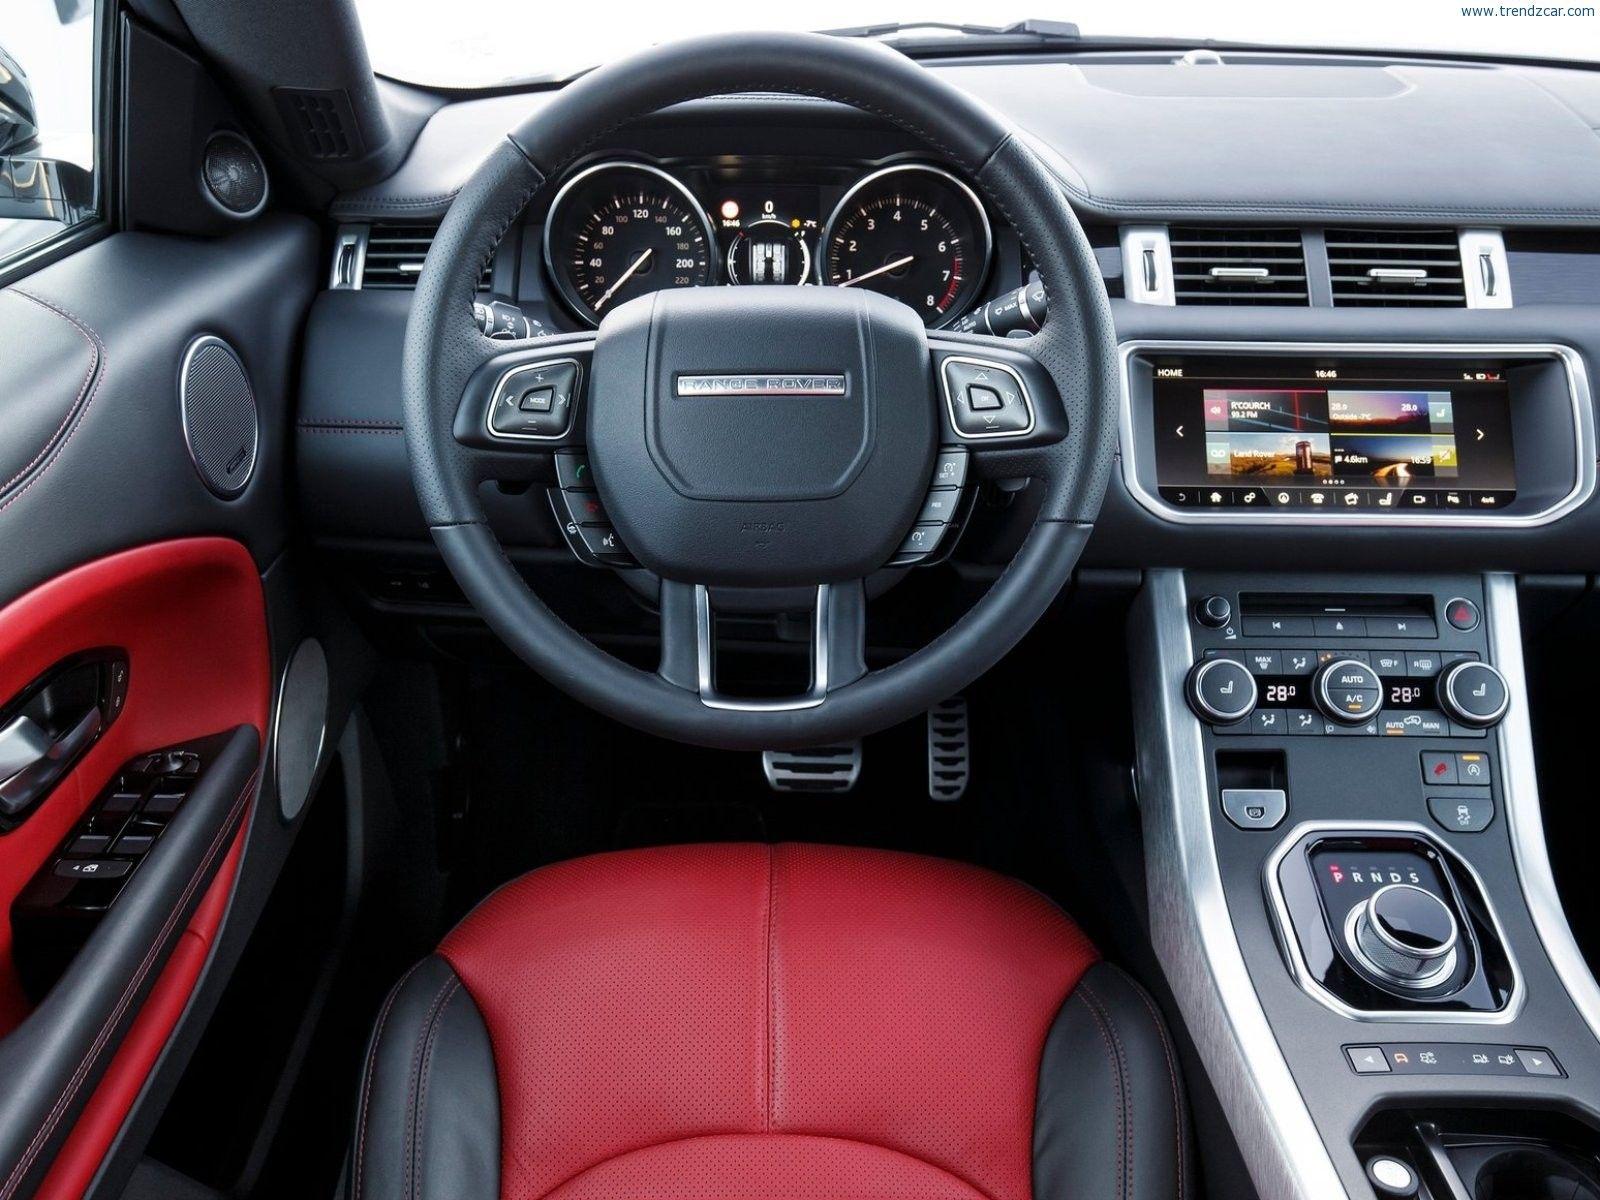 2017 Land Rover Range Evoque Convertible Interior 1